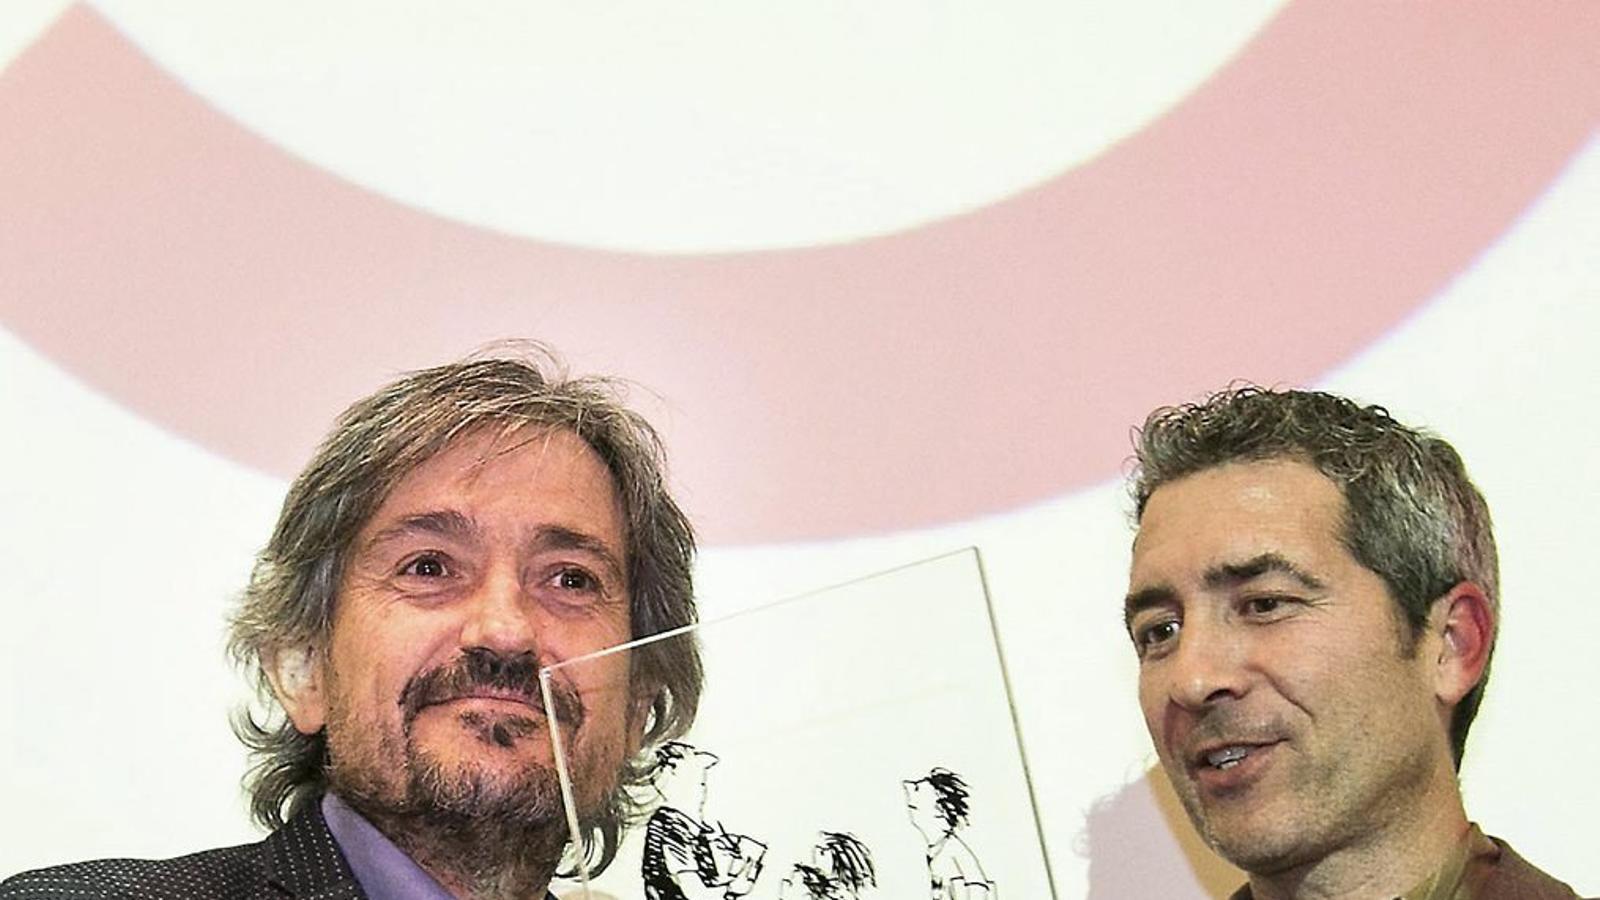 """Carles Capdevila: """"L'educació és el tema més important del món"""""""